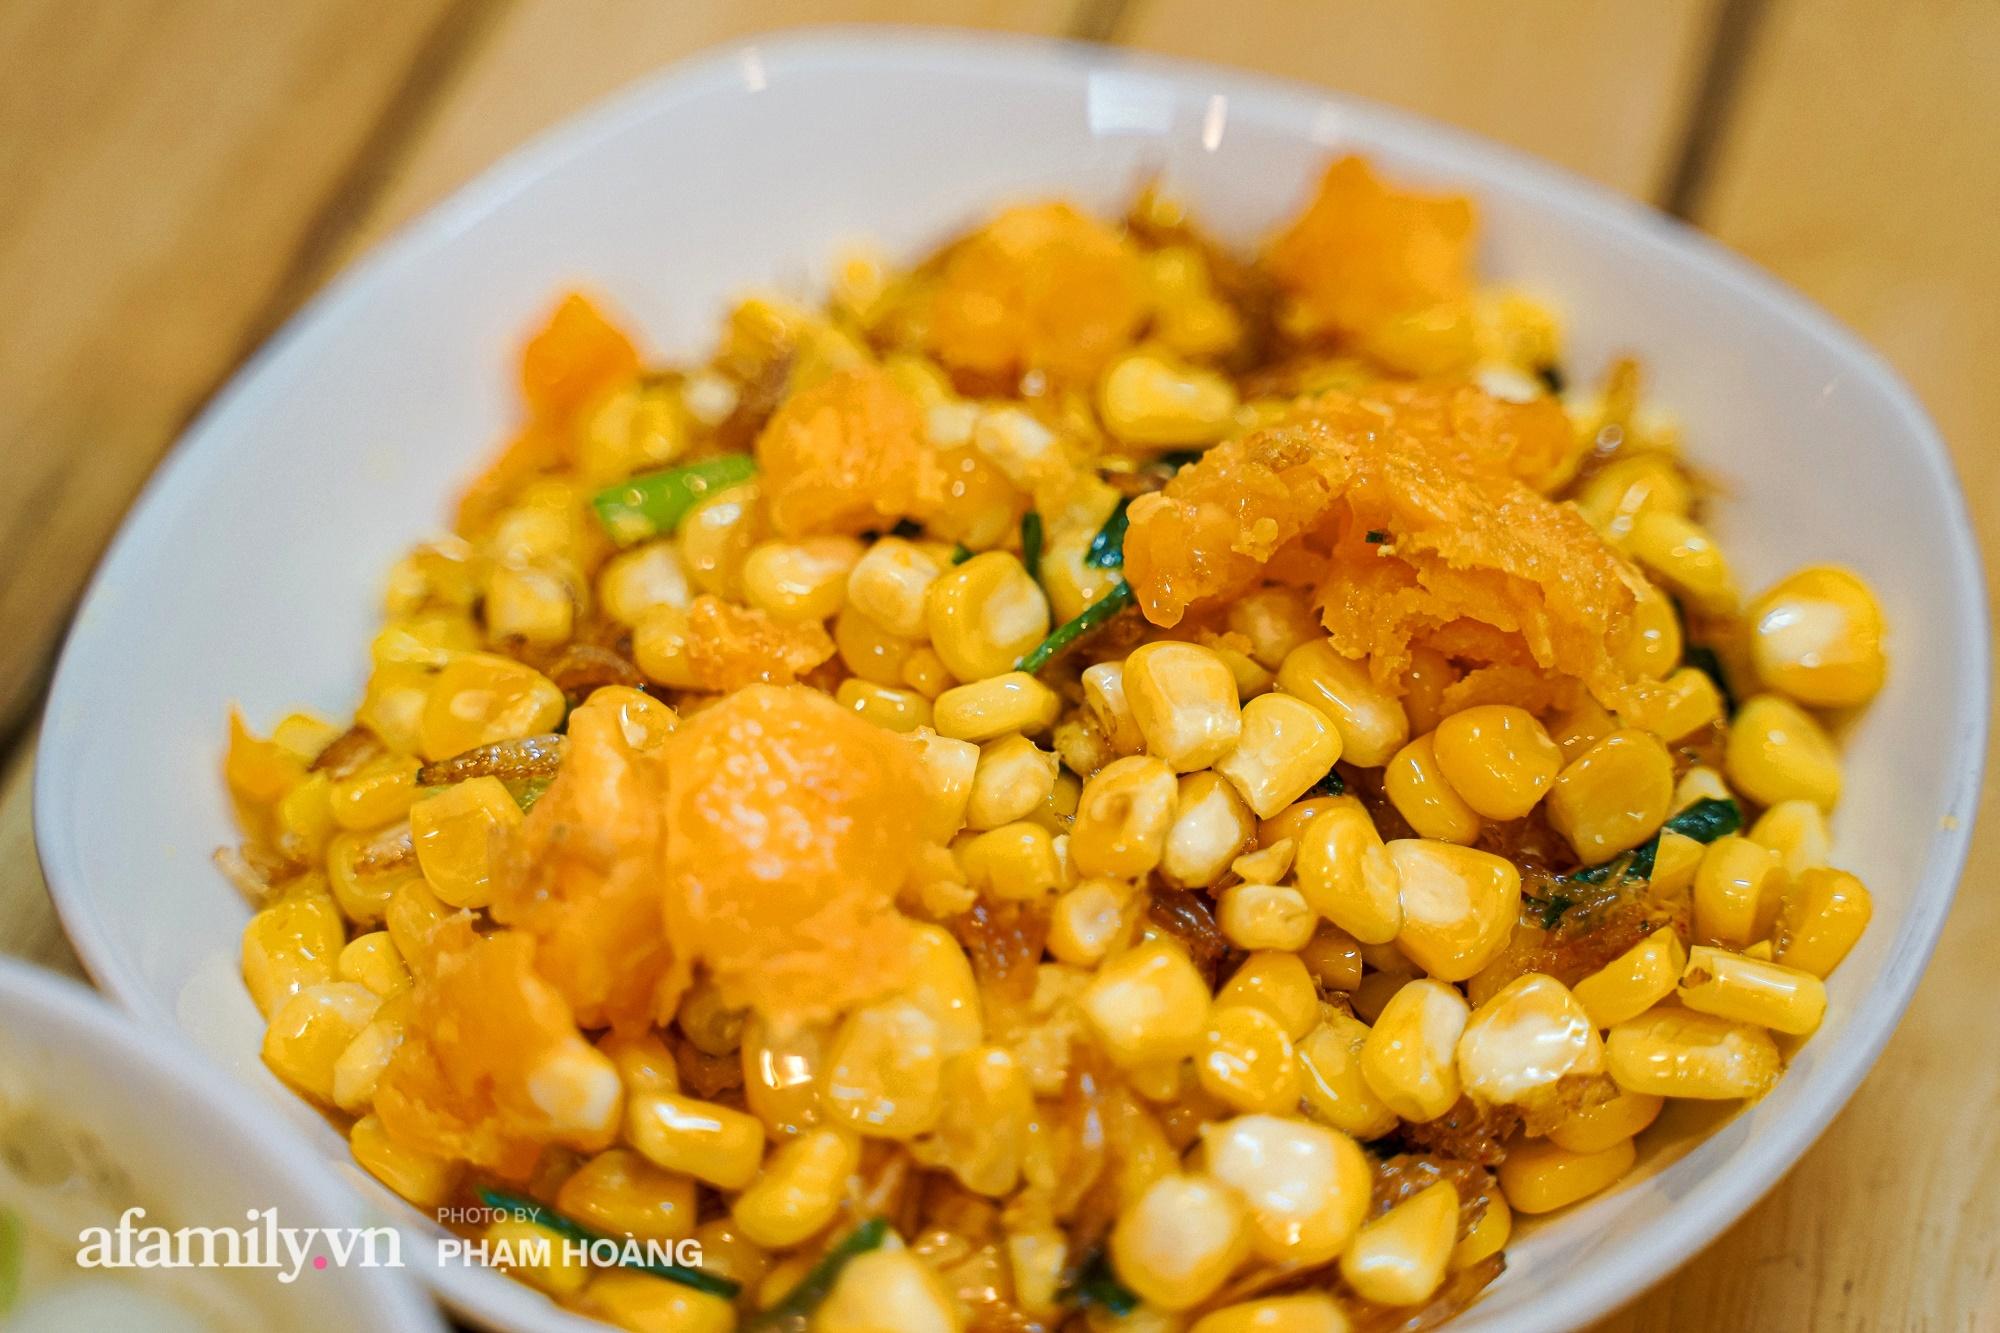 Bỏ túi những địa chỉ bán súp cua ngon ở Hà Nội cho bữa quà chiều mùa đông thêm ấm bụng - Ảnh 4.